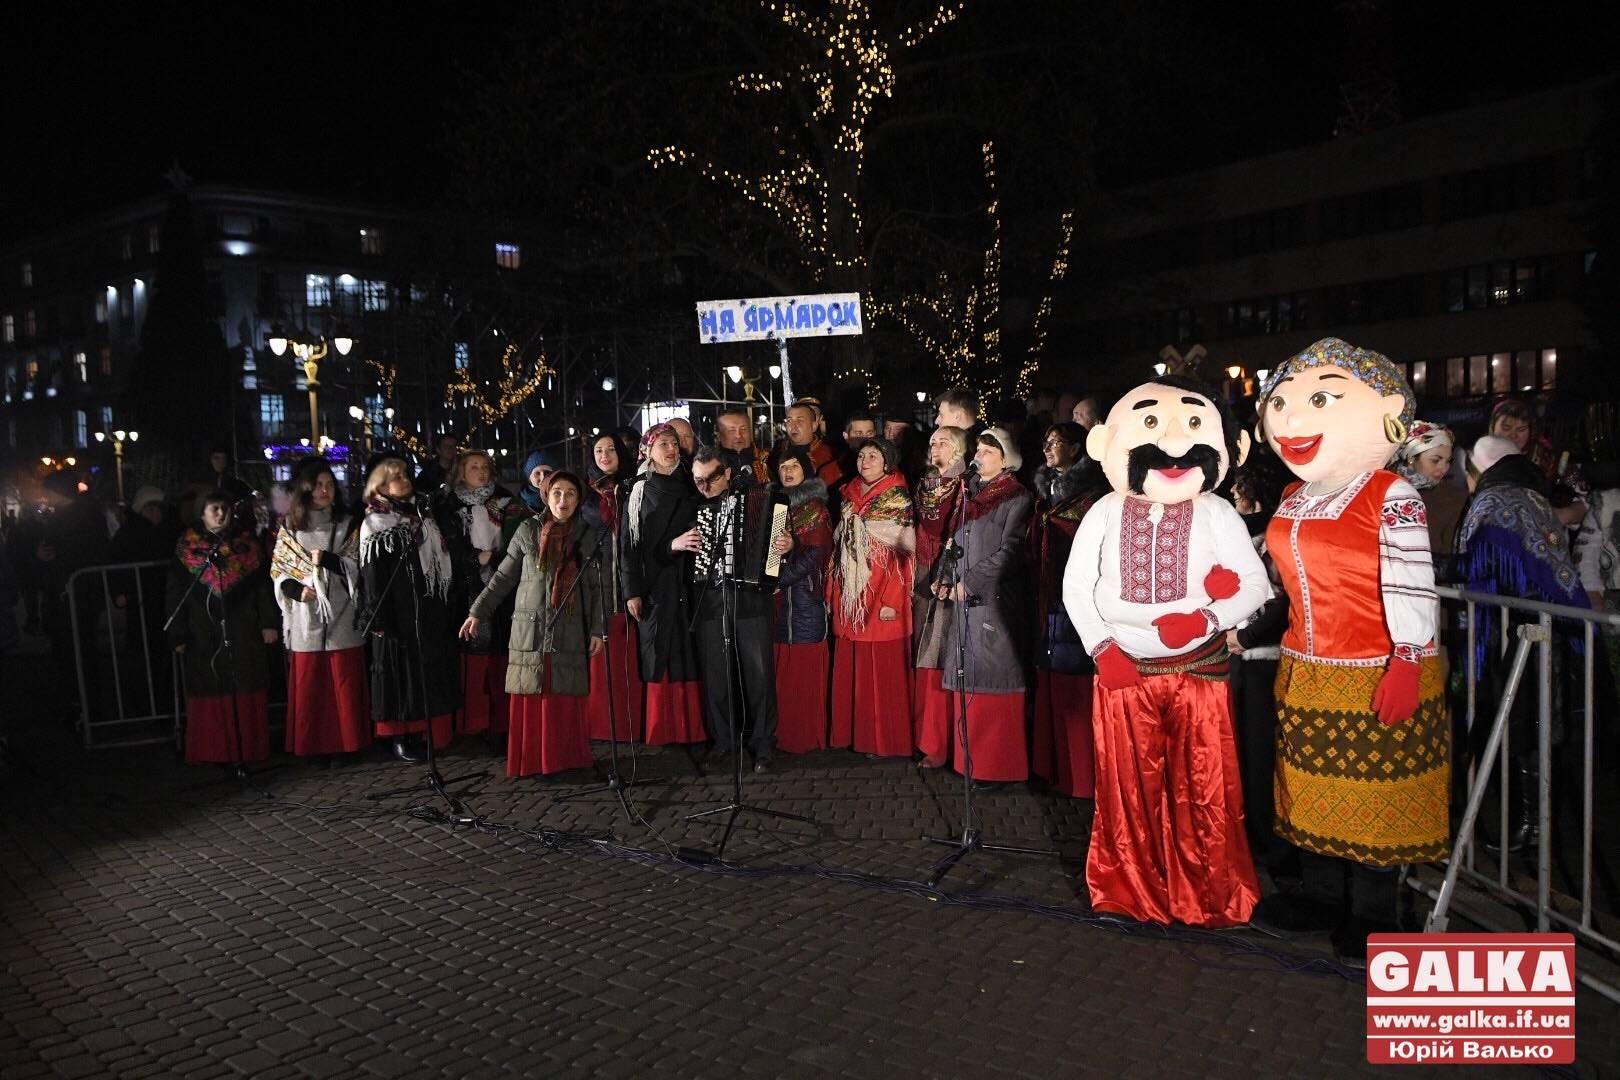 Народні співи, забави та безліч цікавинок: у центрі міста відкрили новорічно-різдвяний ярмарок (ФОТО, ВІДЕО)